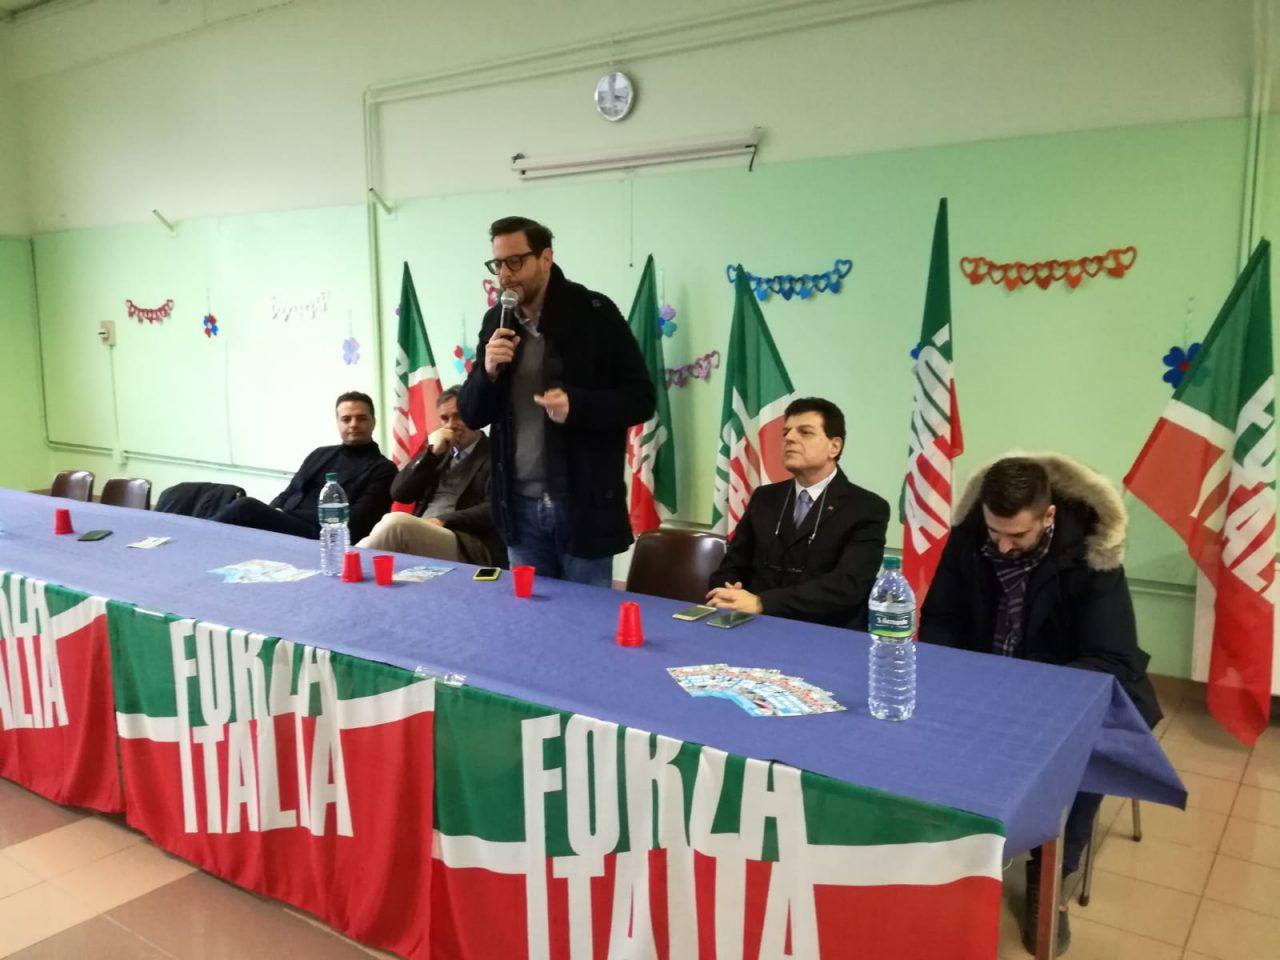 Festa di Natale Forza Italia Cologno Monzese